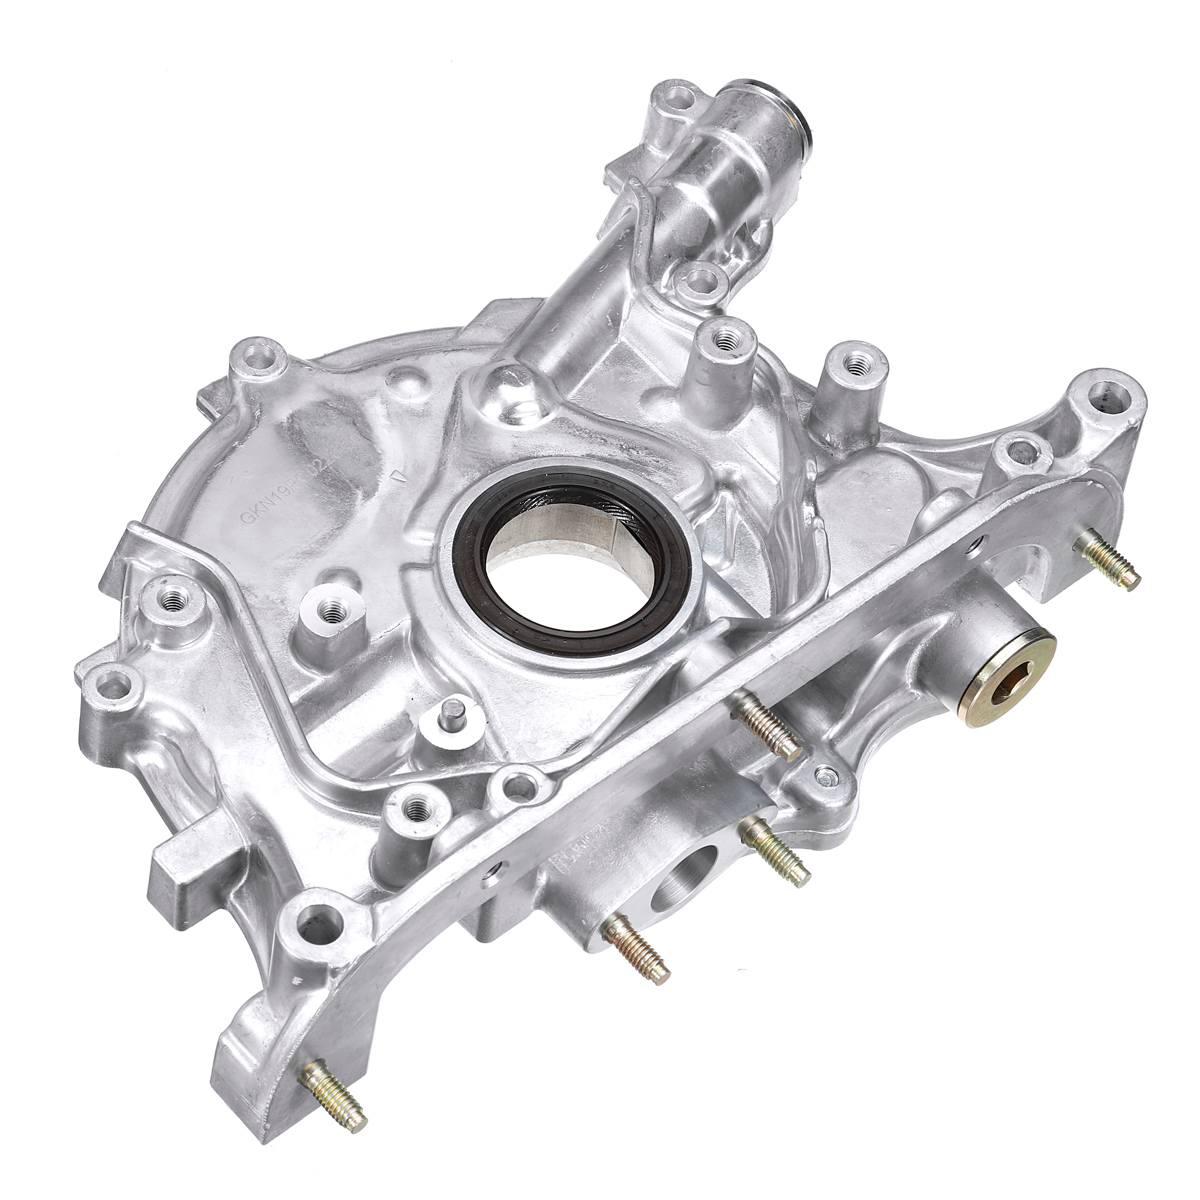 High Pressure Oil Pump For Honda Acura B16A2 B18B1 B18C1 B18C5 15100-P72-A01 NEW